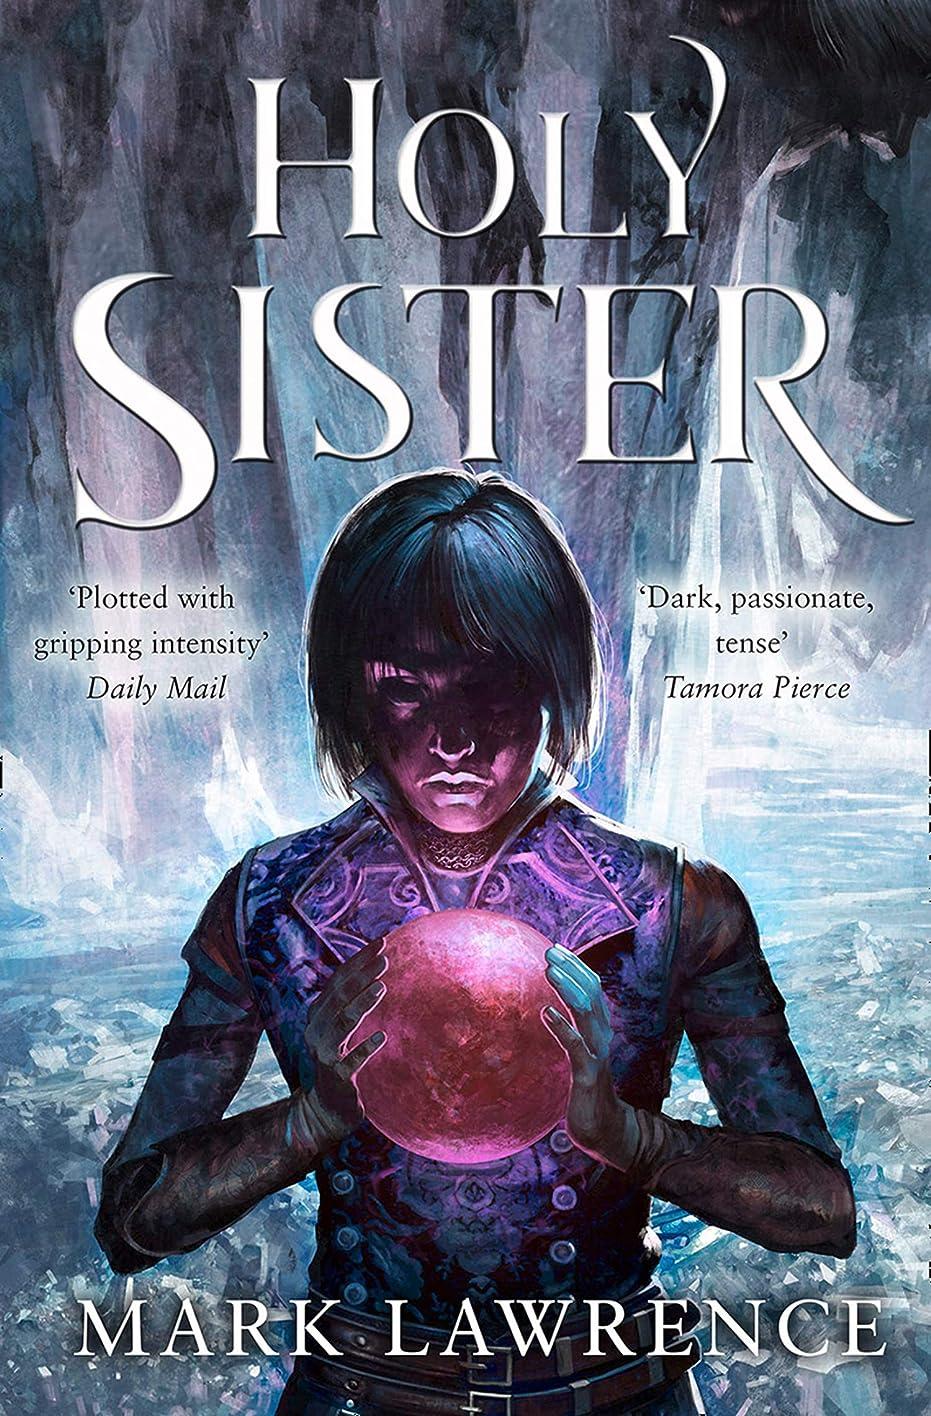 ふざけた例委任するHoly Sister (Book of the Ancestor, Book 3) (English Edition)